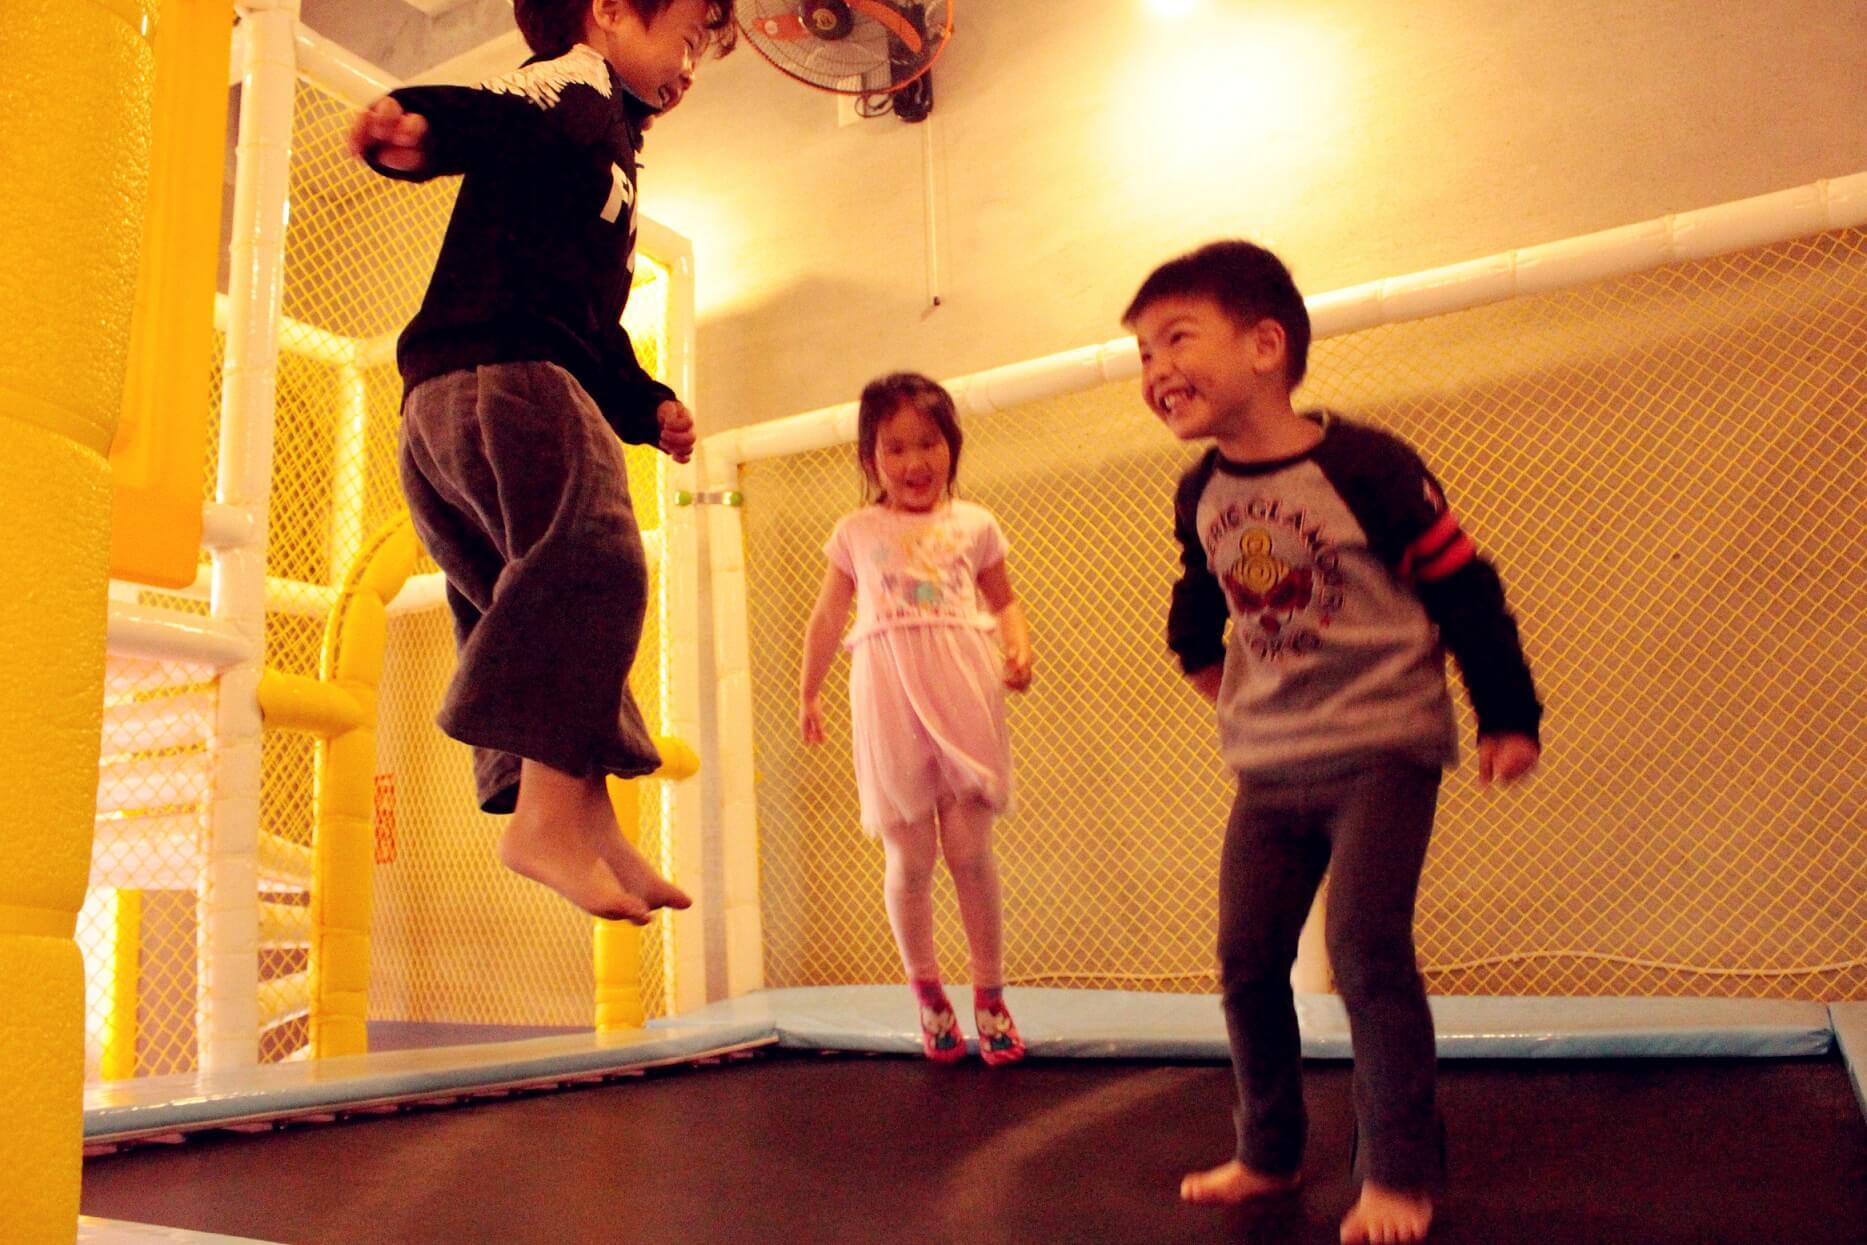 台南親子民宿室內彈簧床,主要在小朋友間的交流情感